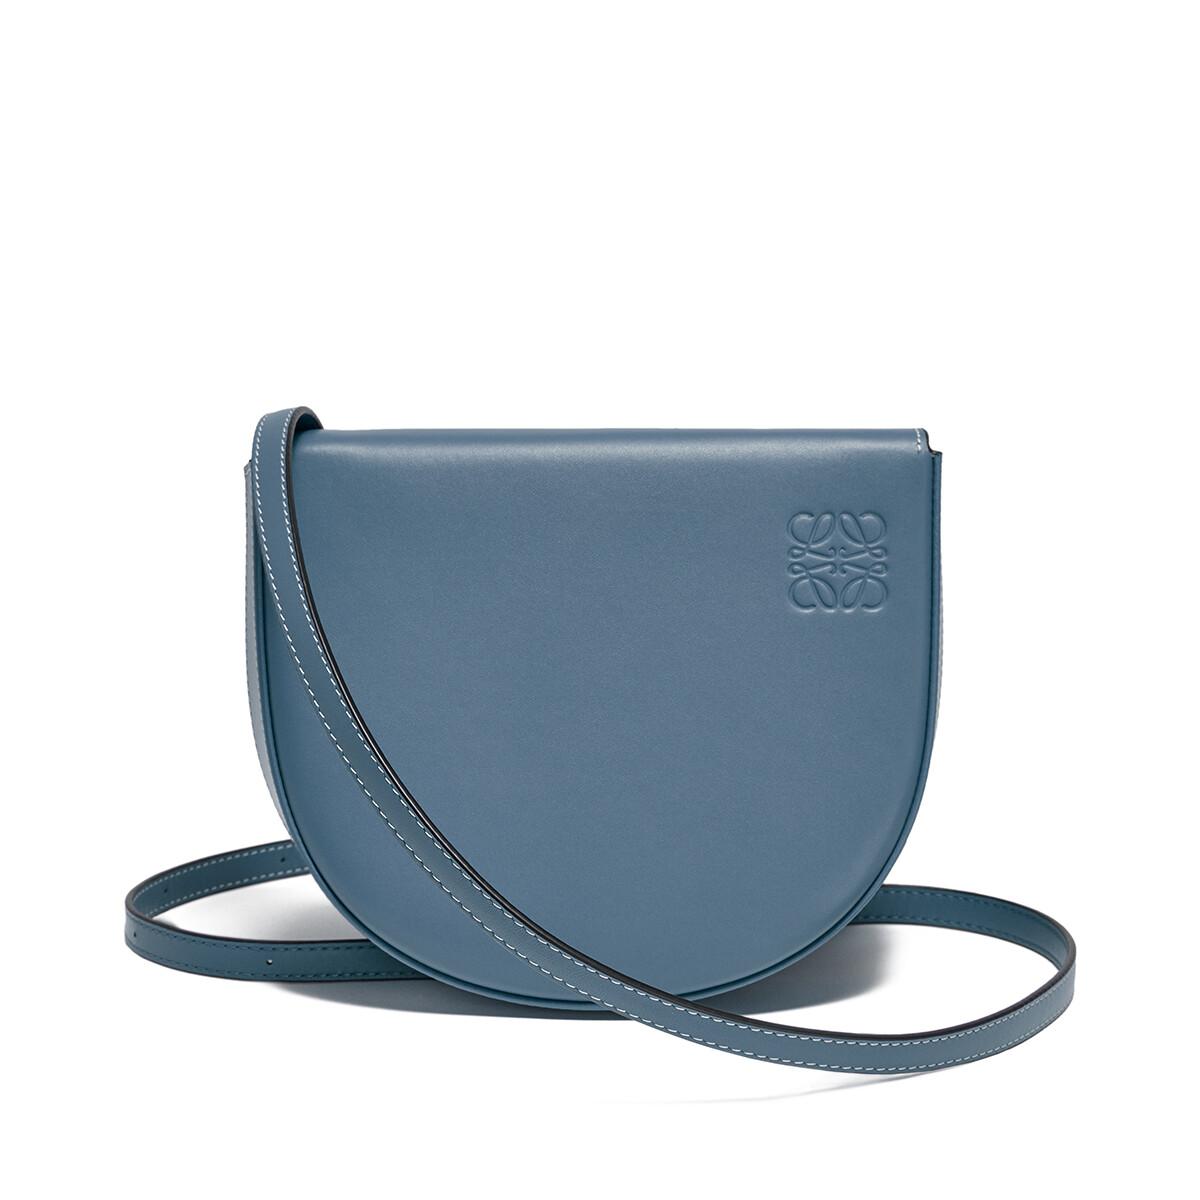 LOEWE Bolso Heel Mini Azul Acero front